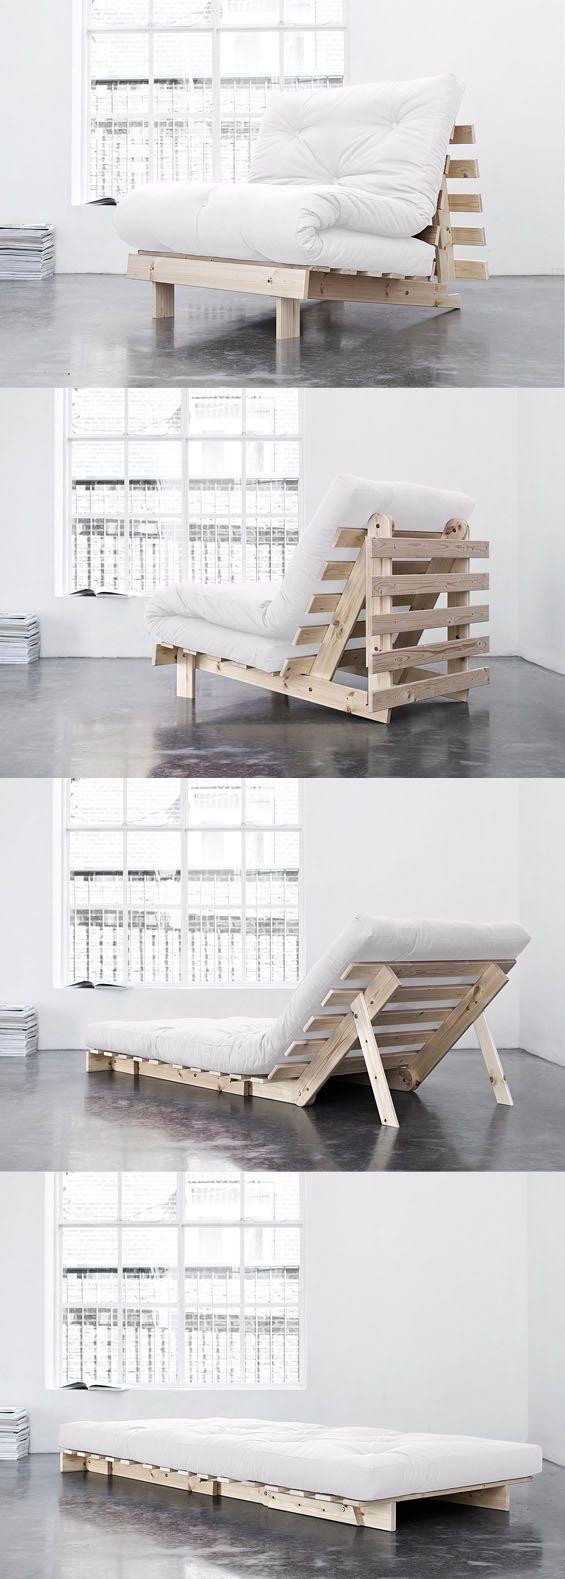 Schlafsofa oder moderne Sitzgelegenheit, entscheide selbst!